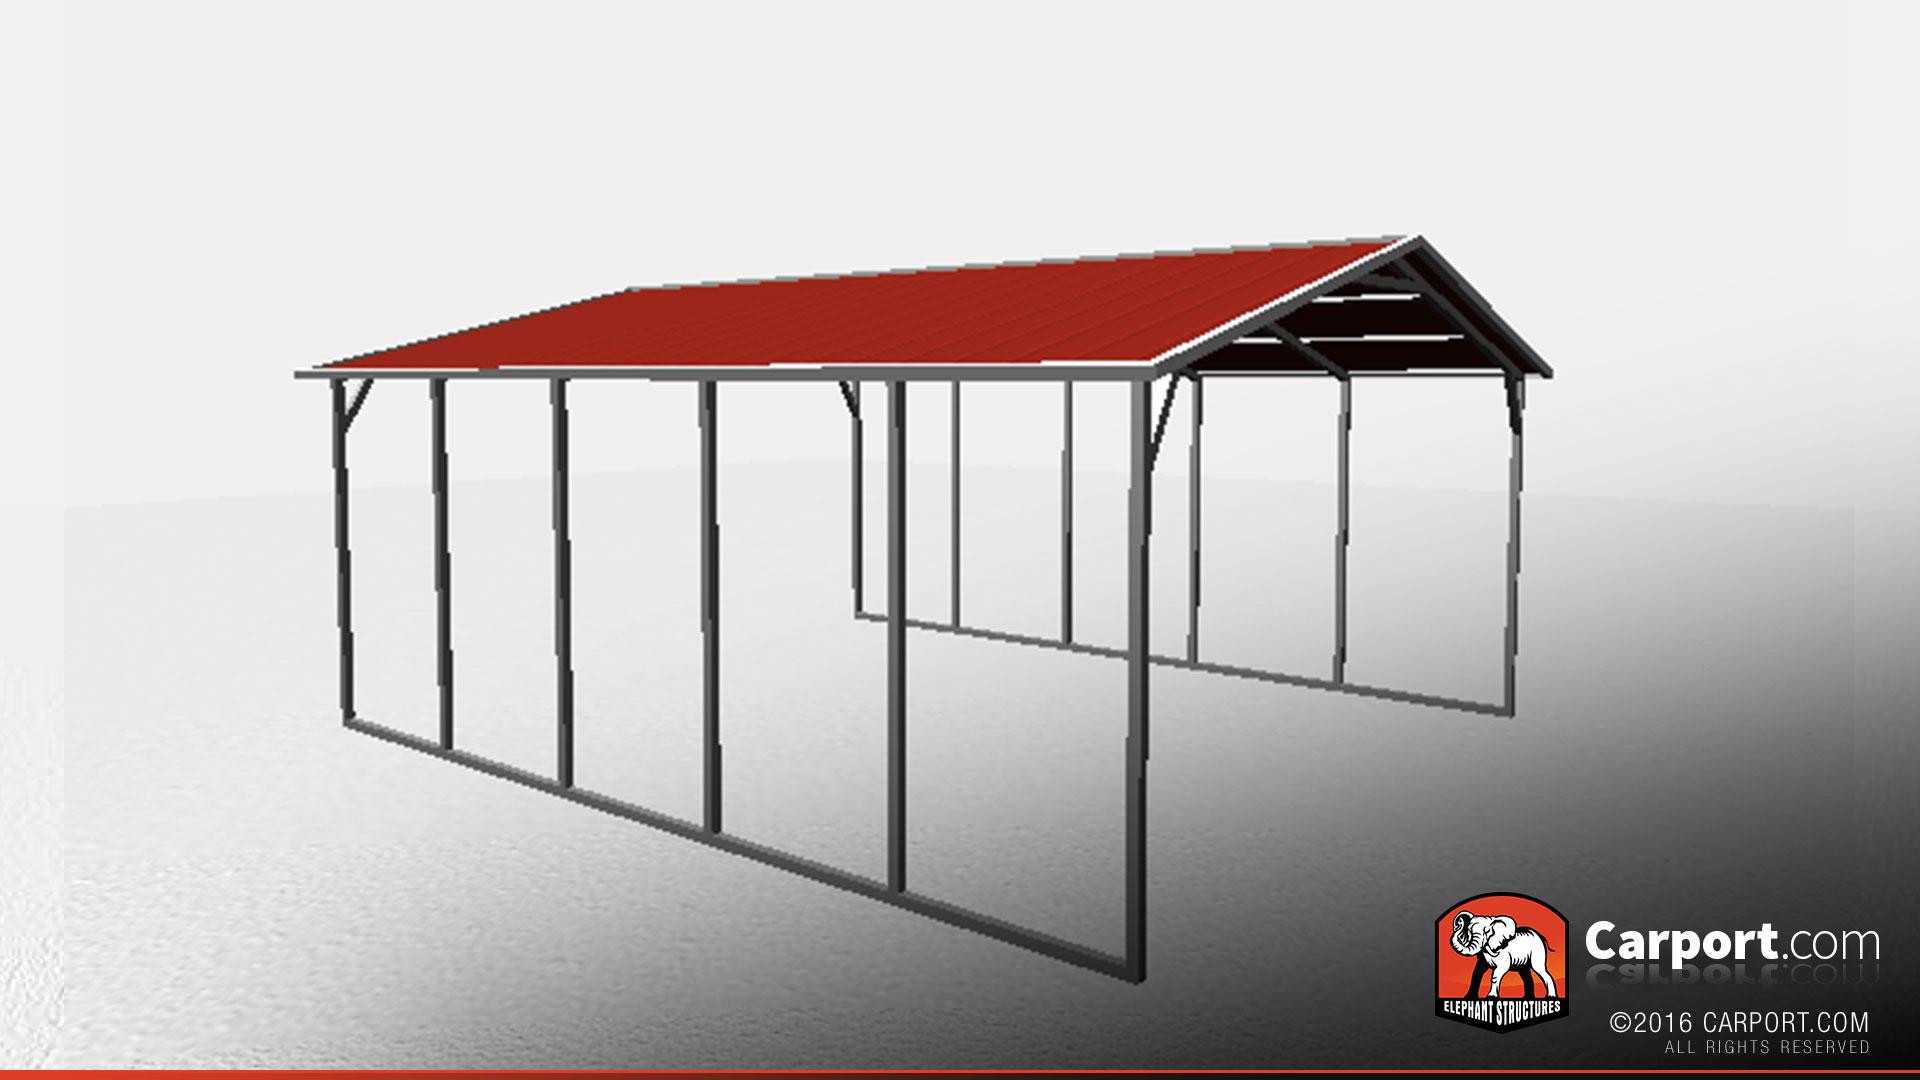 18 X 21 X 6 Sturdy Vertical Roof Metal Carport Metal